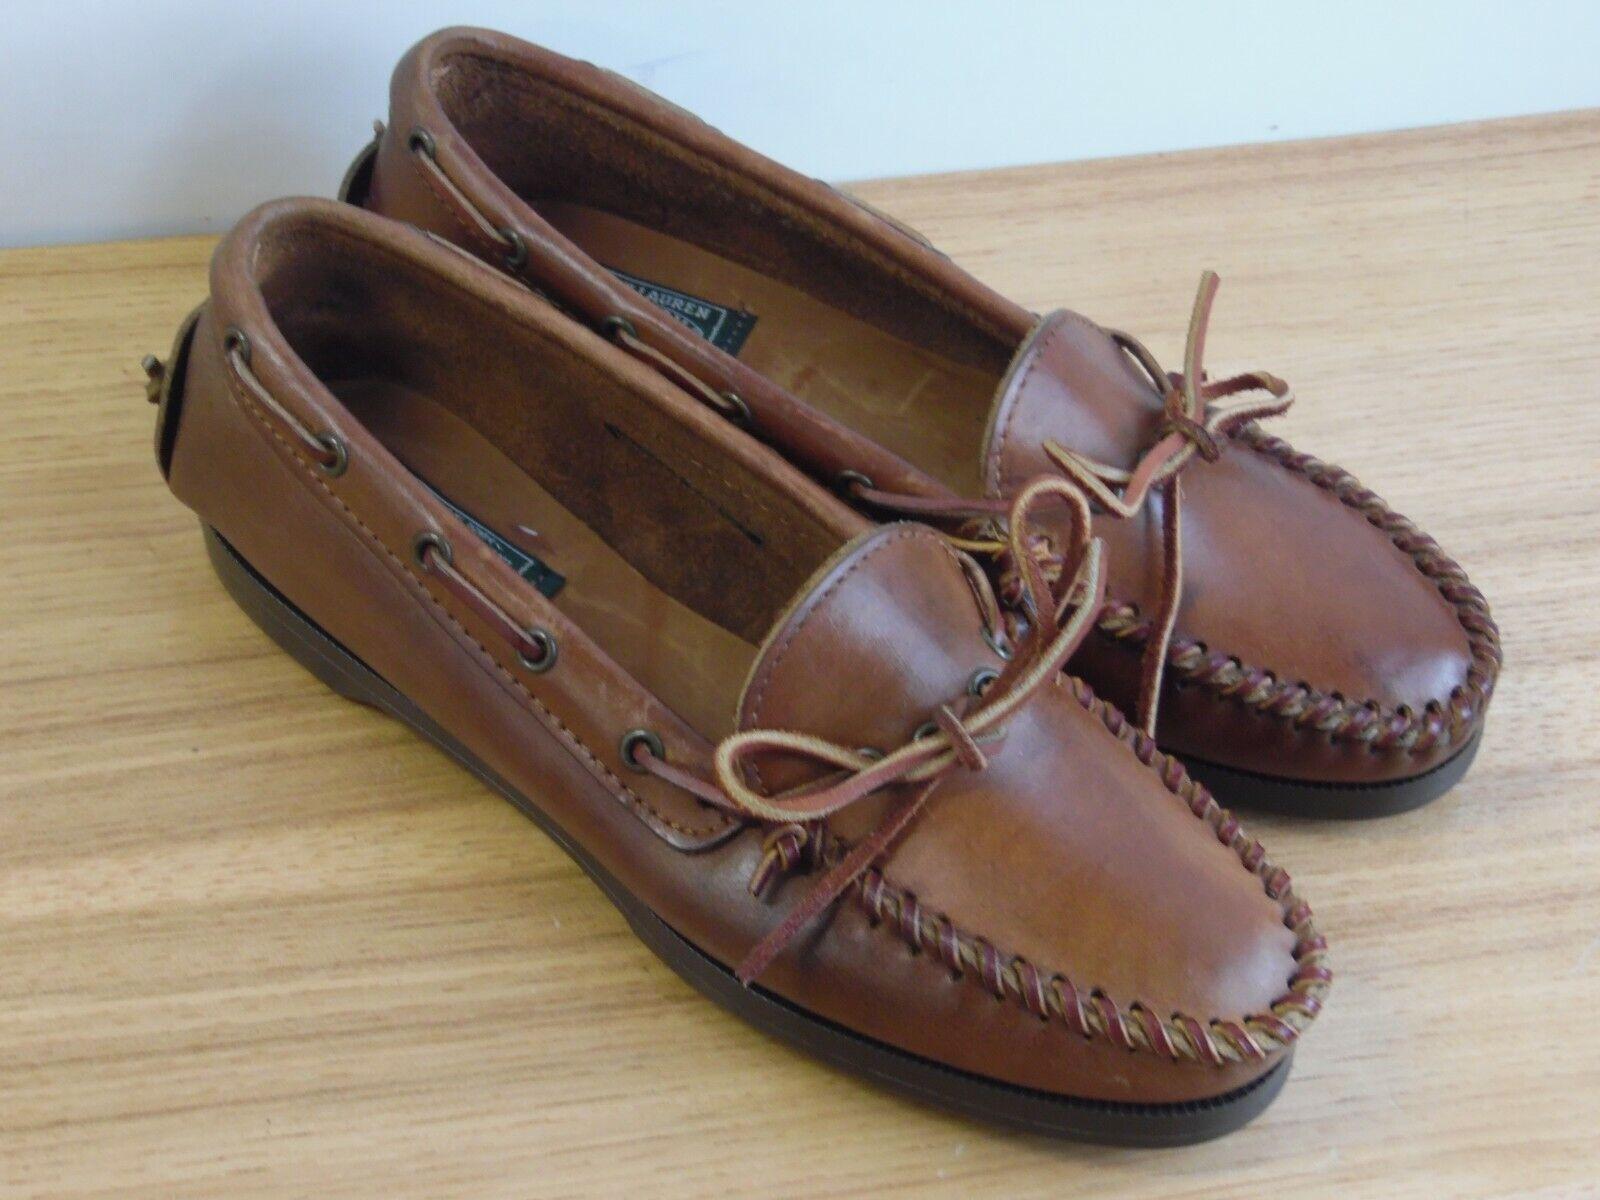 acquistare ora Vintage Polo Ralph Lauren Country Dry Goods scarpe scarpe scarpe Used Dimensione Uomo 7.5 B Loafers  fantastica qualità